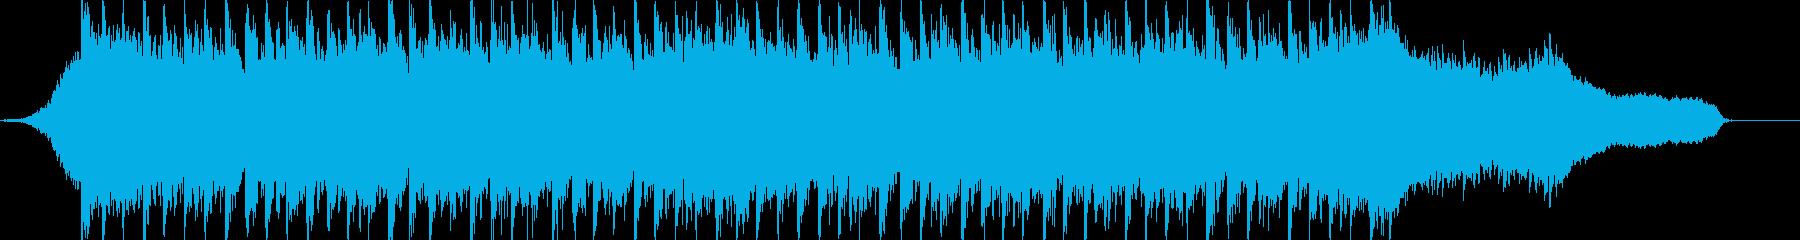 企業VP系58、爽やかピアノ、4つ打ちcの再生済みの波形